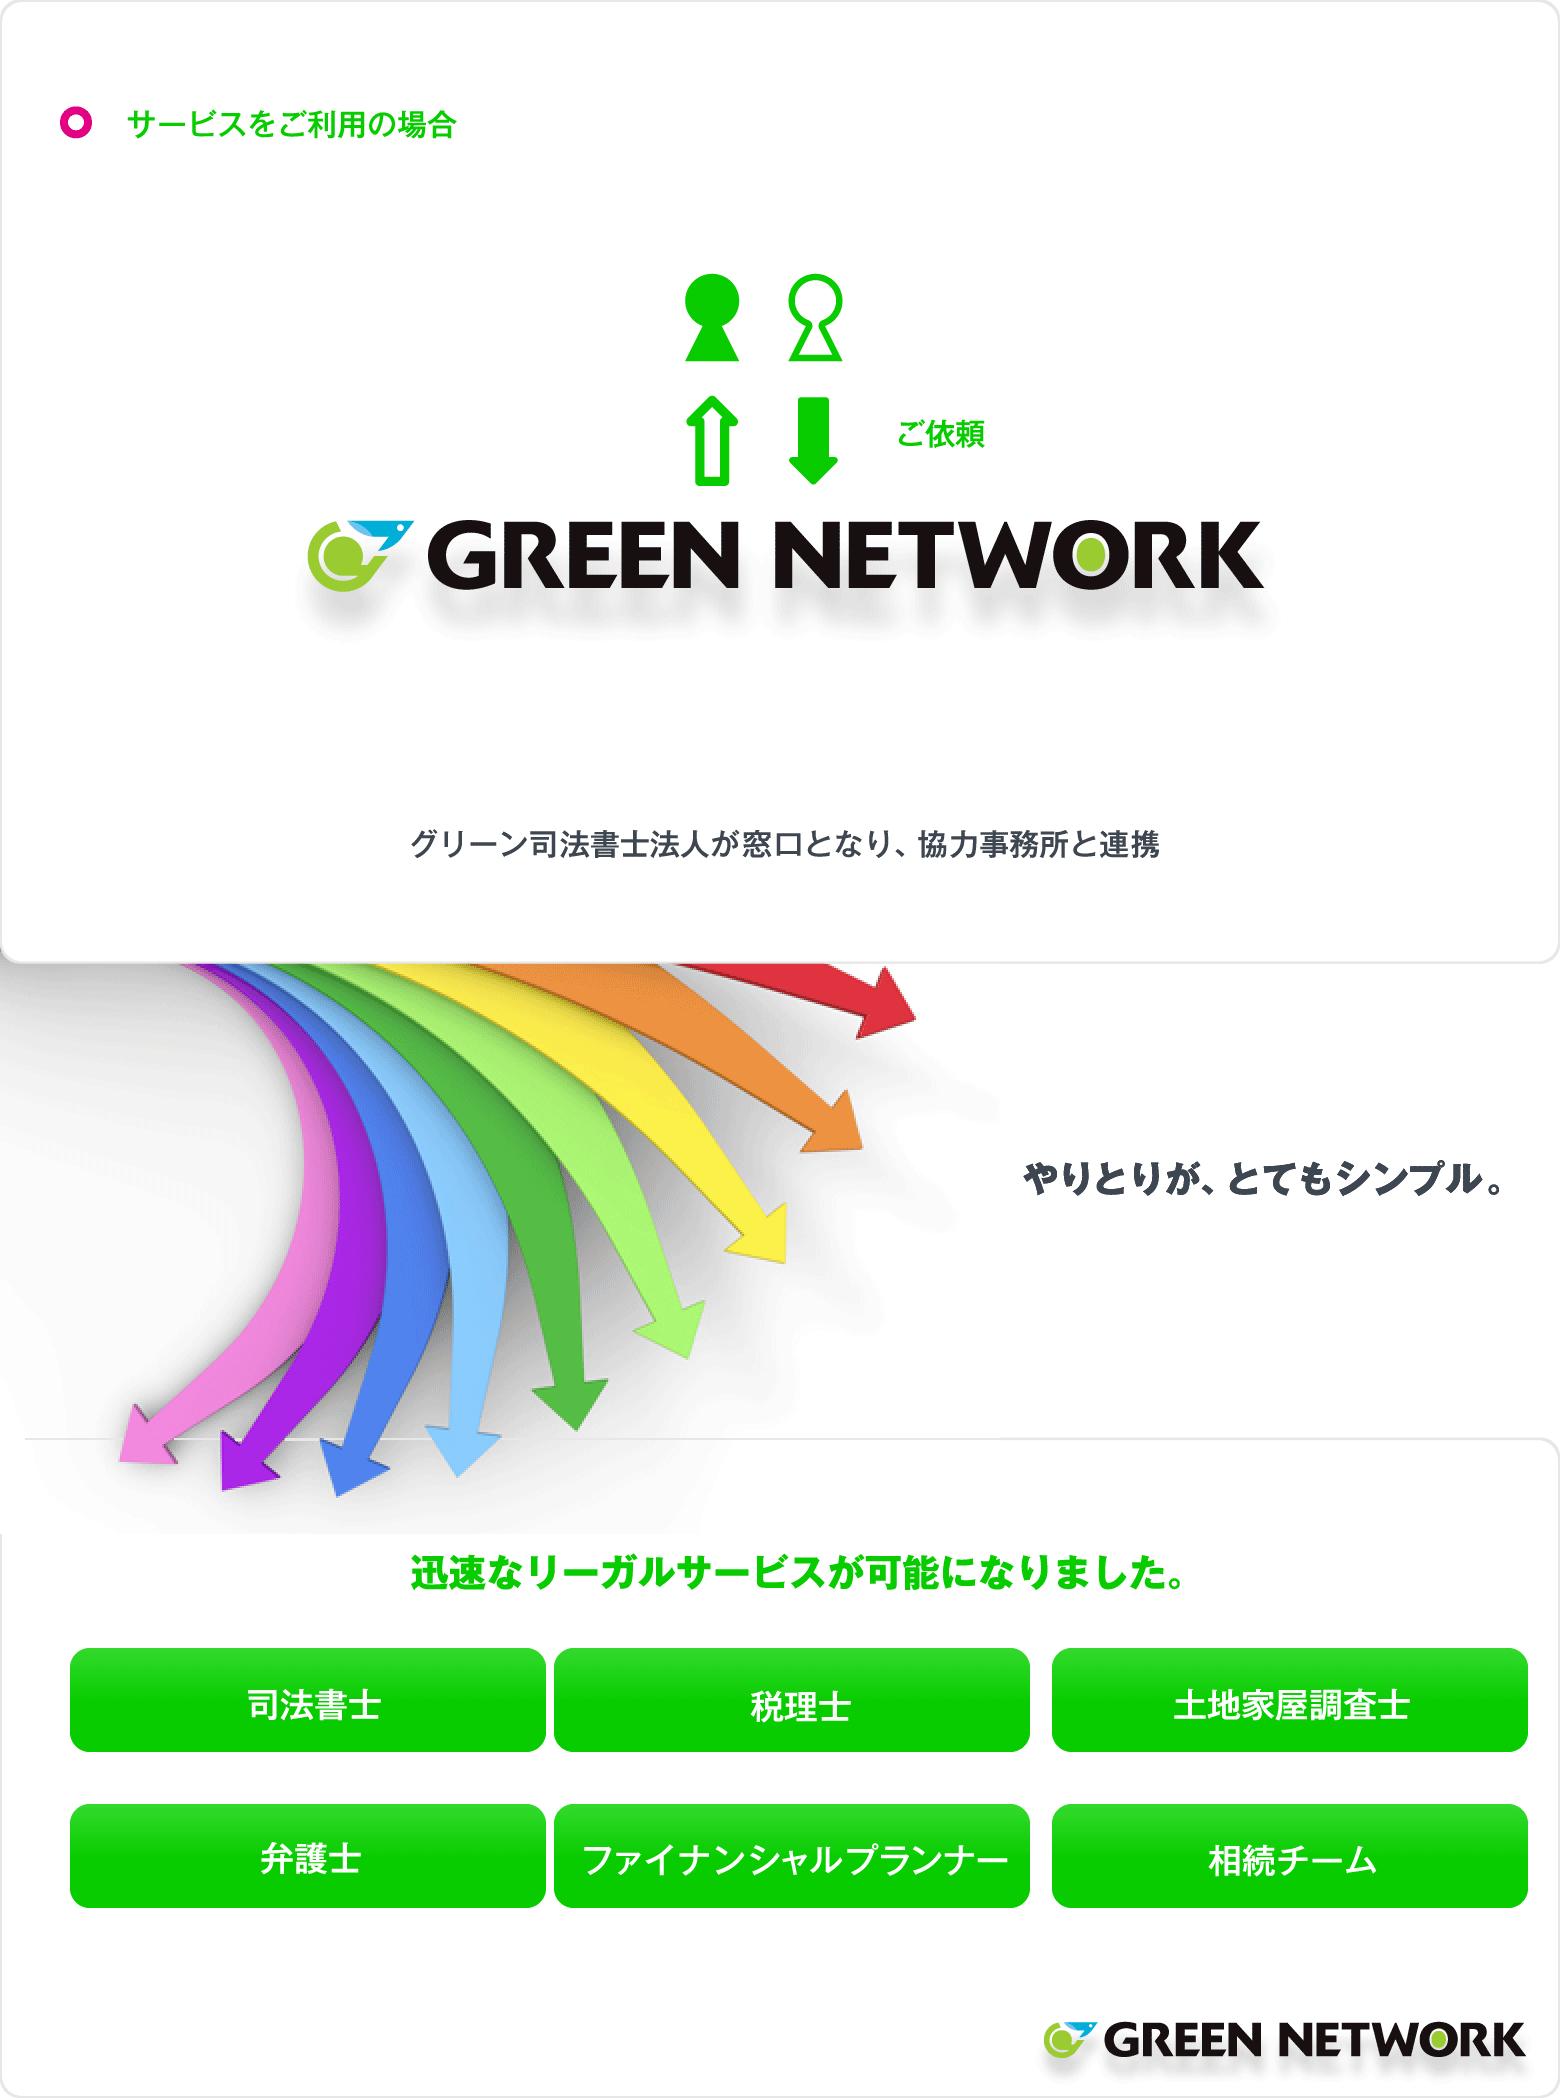 グリーンネットワーク概念図